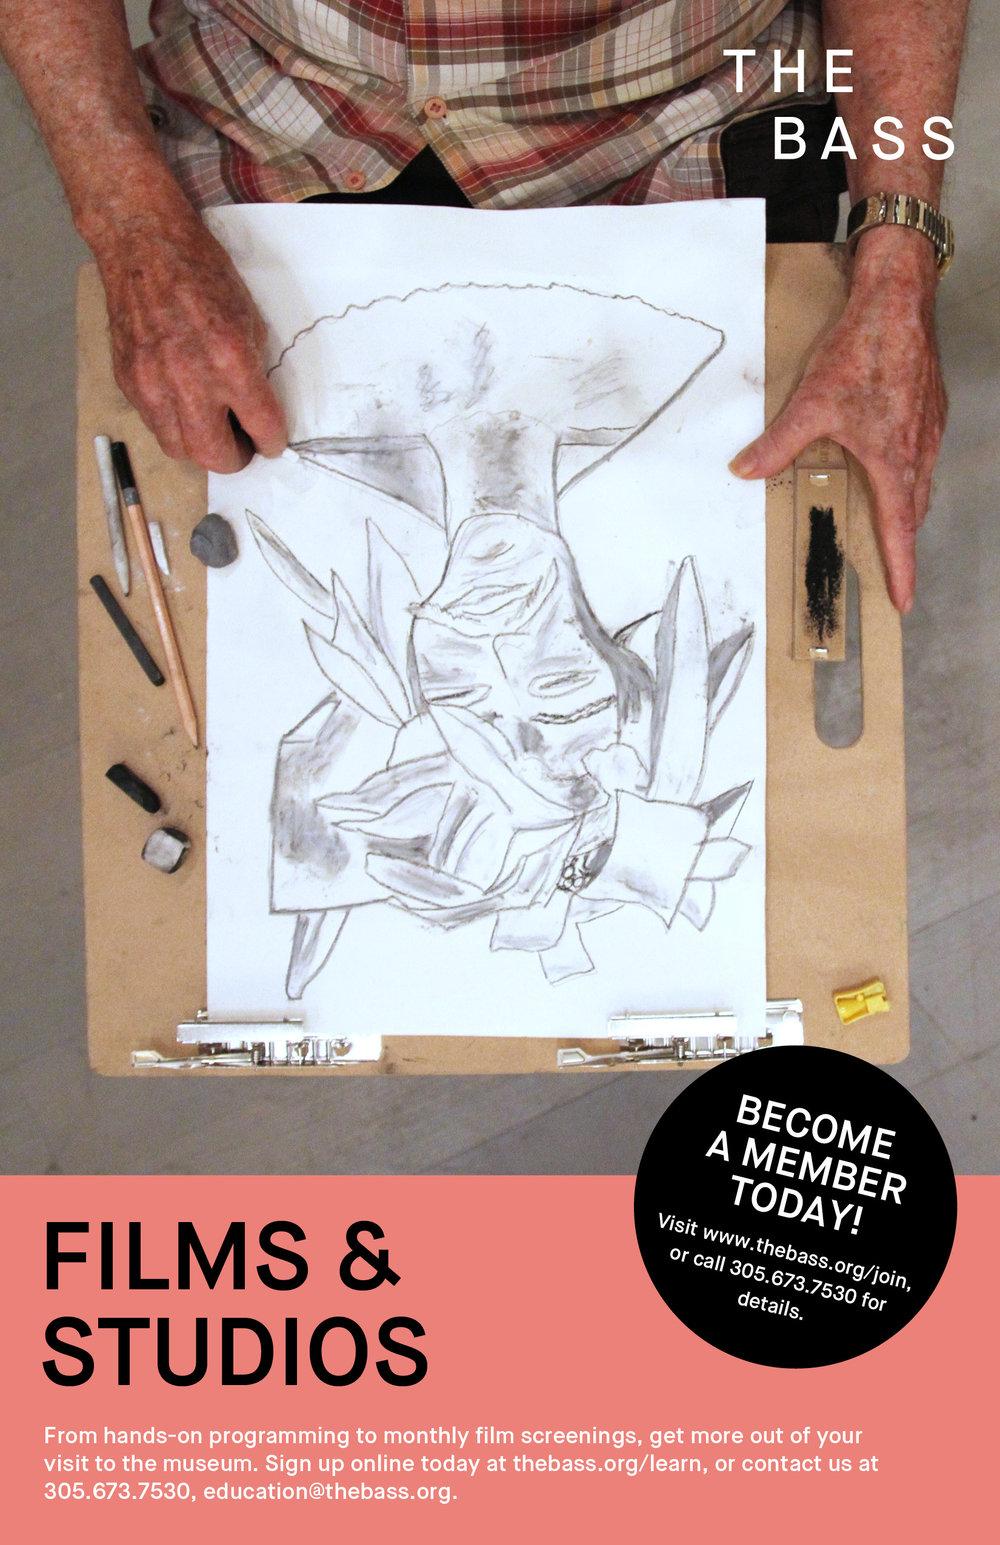 FILMS_STUDIOS_OCT5.jpg